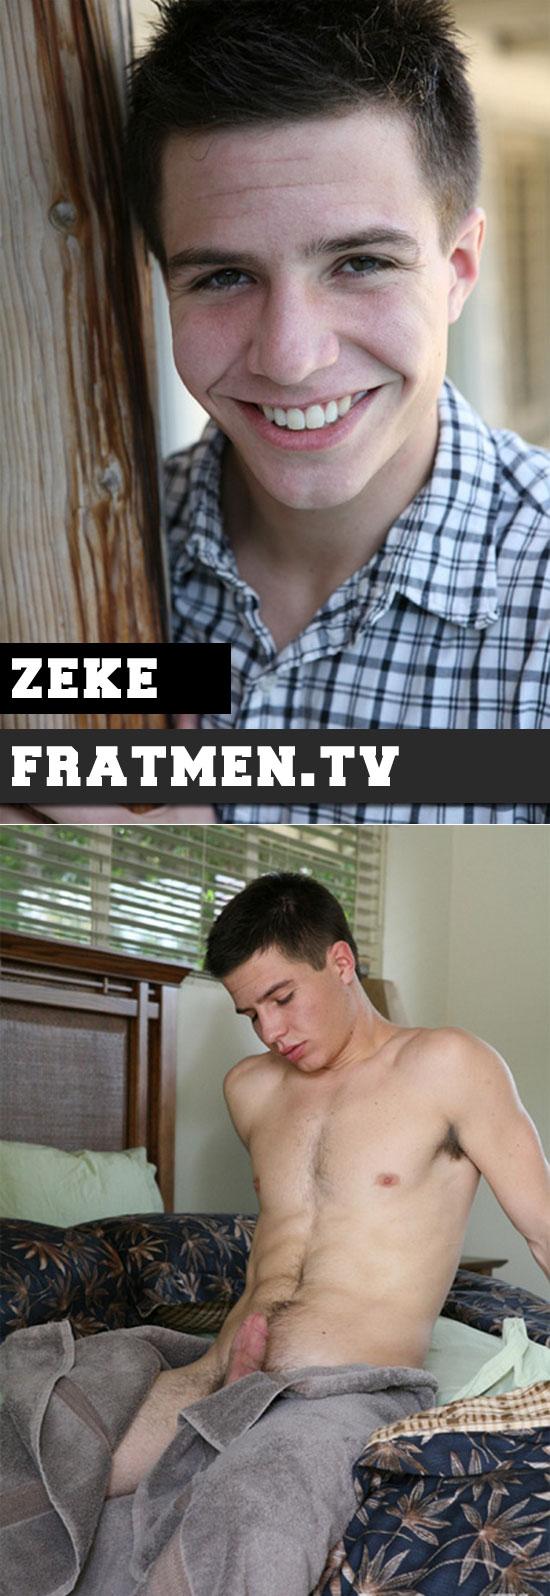 Zeke for Fratmen